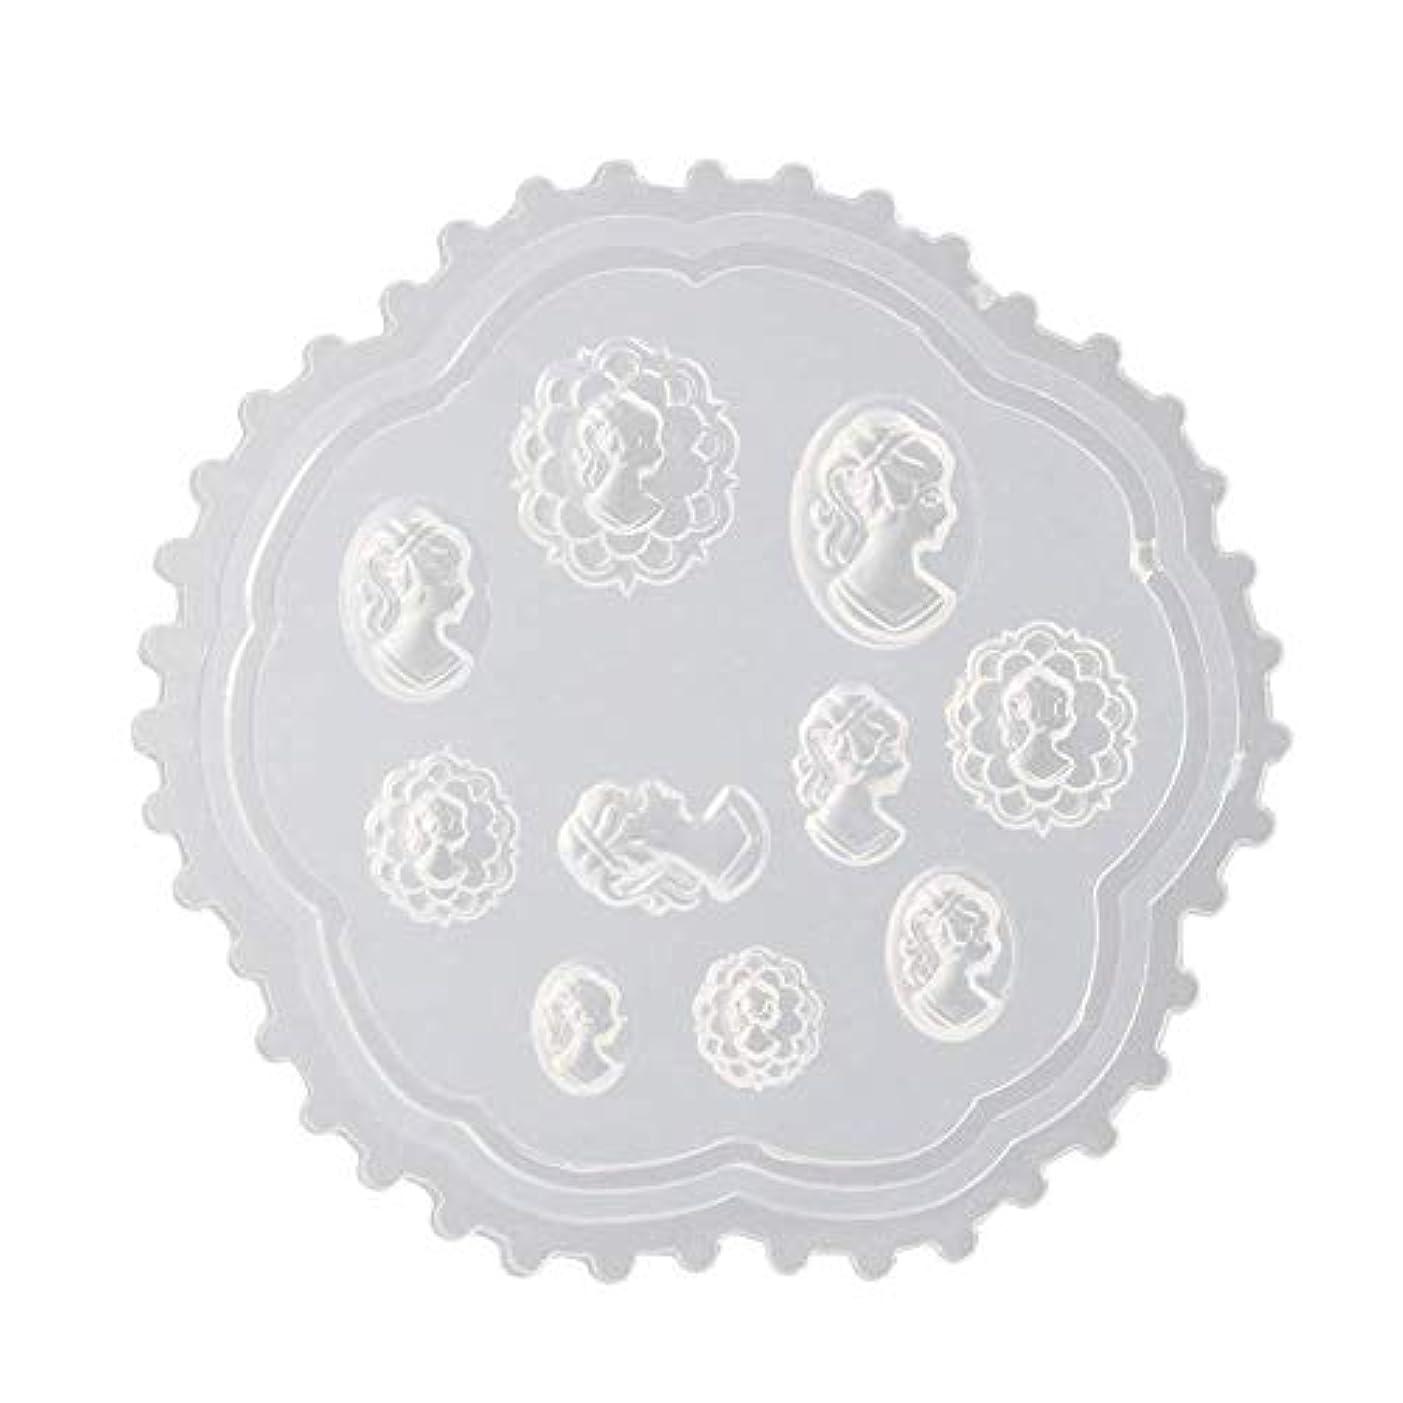 花輪デッド相対サイズFlymylion 3Dシリコンモールド ネイル 葉 花 抜き型 3Dネイル用 レジンモールド UVレジン ネイルパーツ ジェル ネイル セット アクセサリー パーツ 作成 (2)